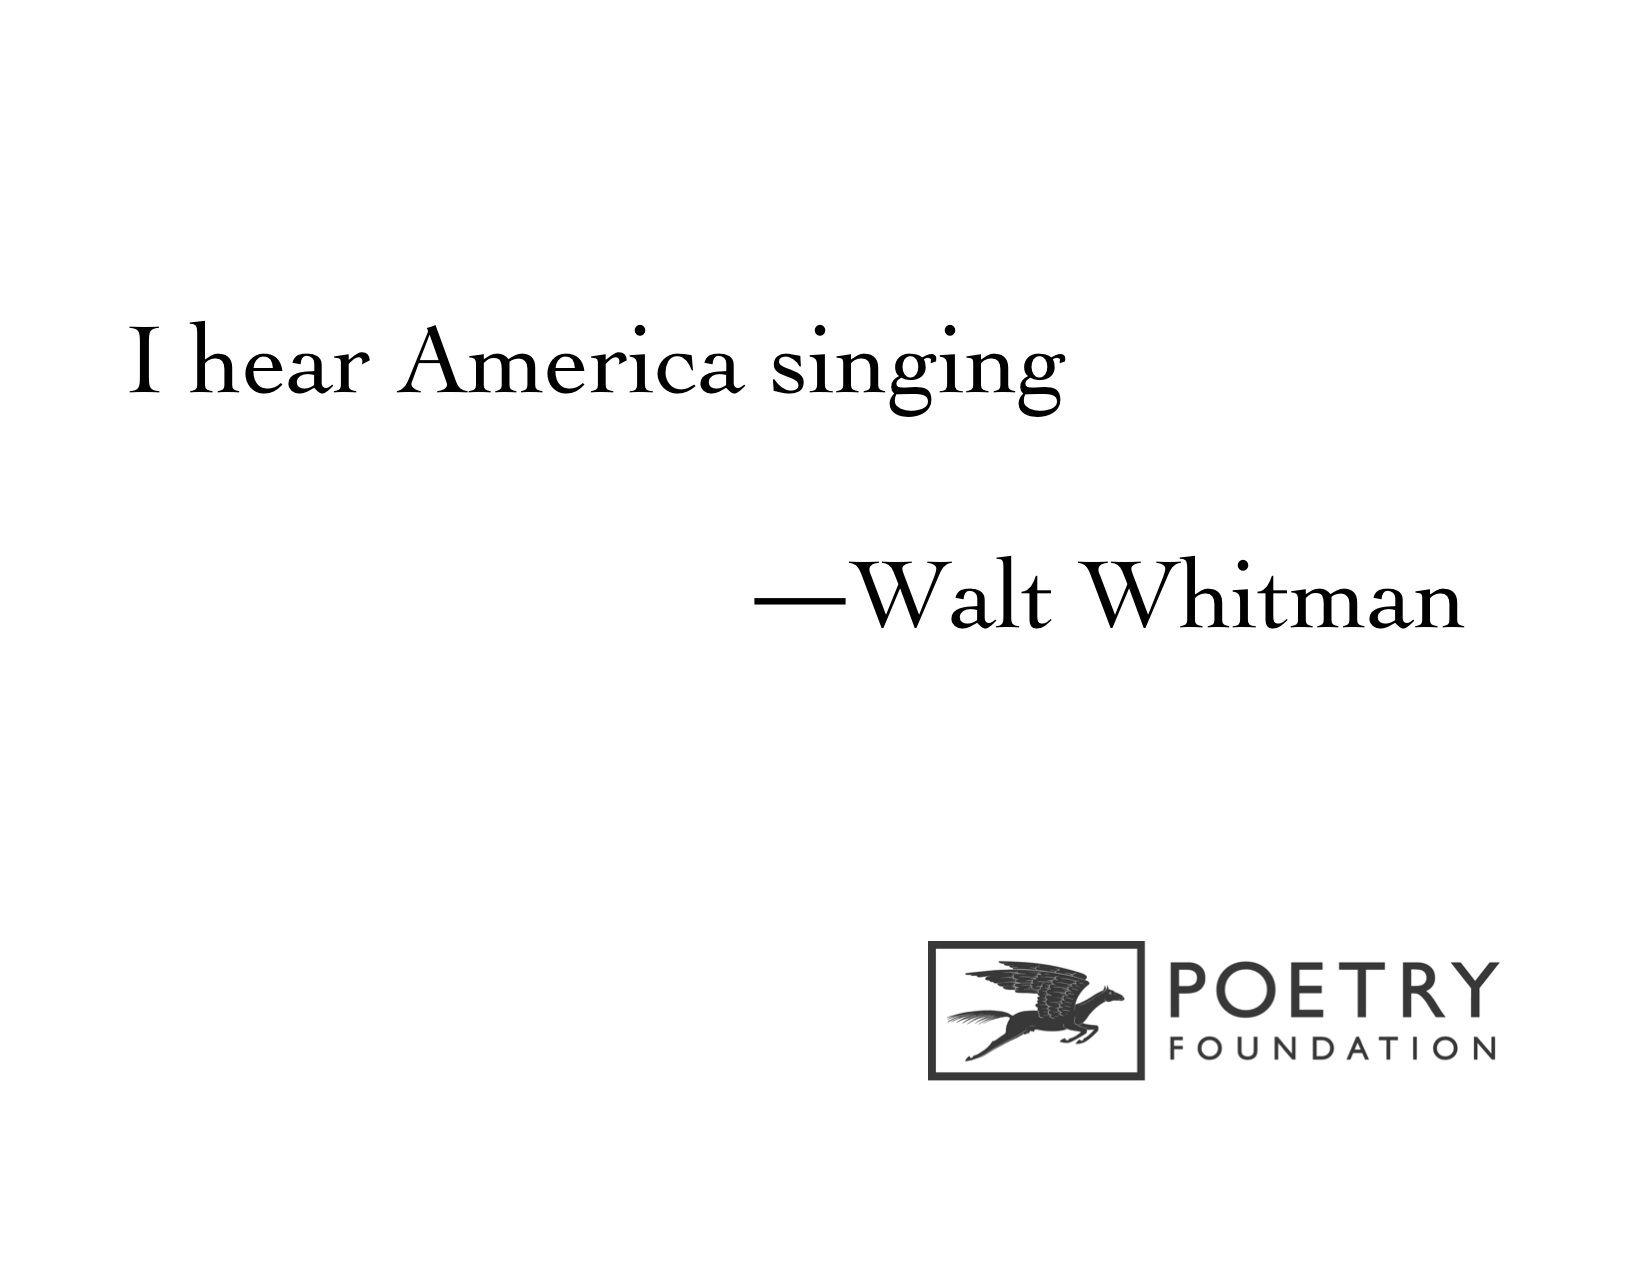 I Hear America Singing By Walt Whitman